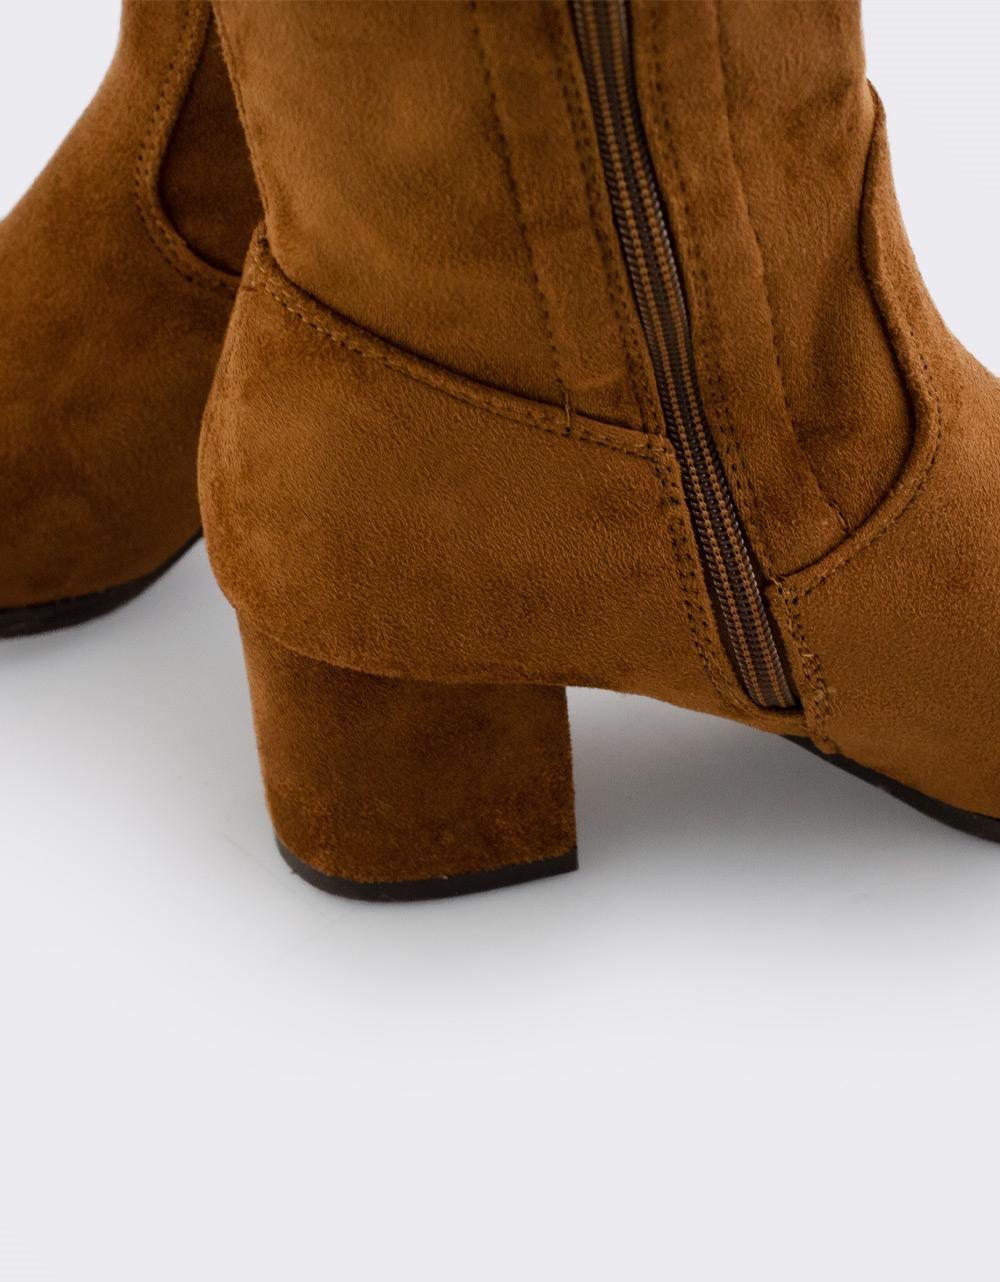 Εικόνα από Γυναικείες μπότες με χαμηλό τακούνι Ταμπά